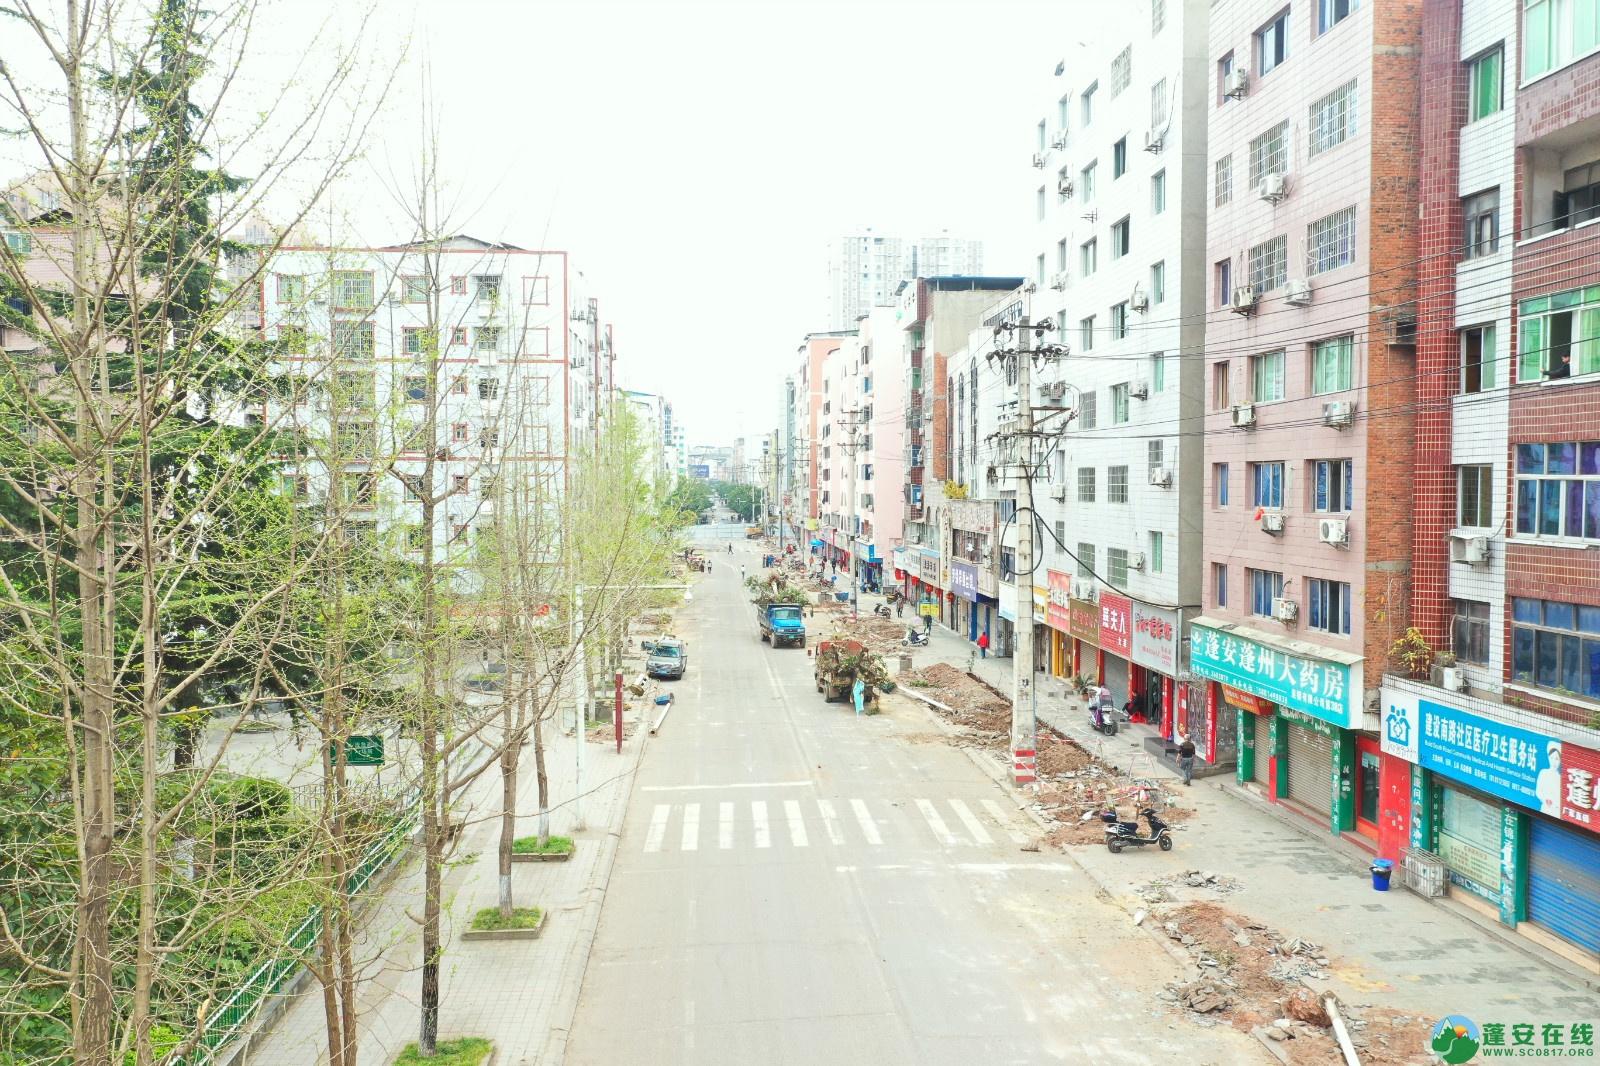 蓬安建设南路老旧街道小区美化改造(2020.3.22) - 第12张  | 蓬安在线